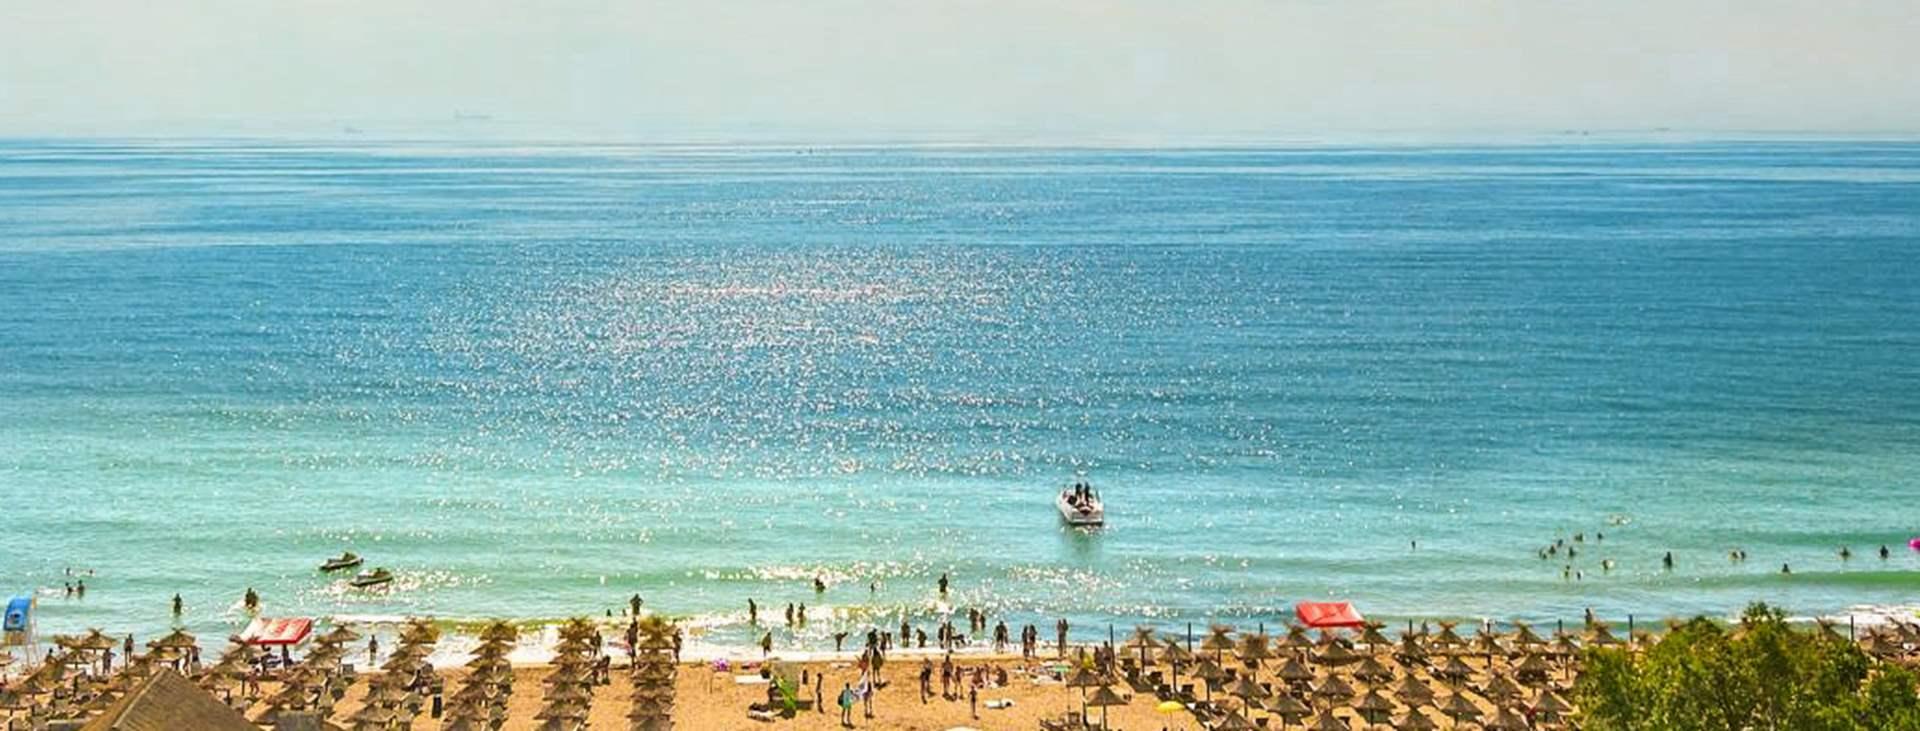 Bestill en reise til Sunny Beach med Ving